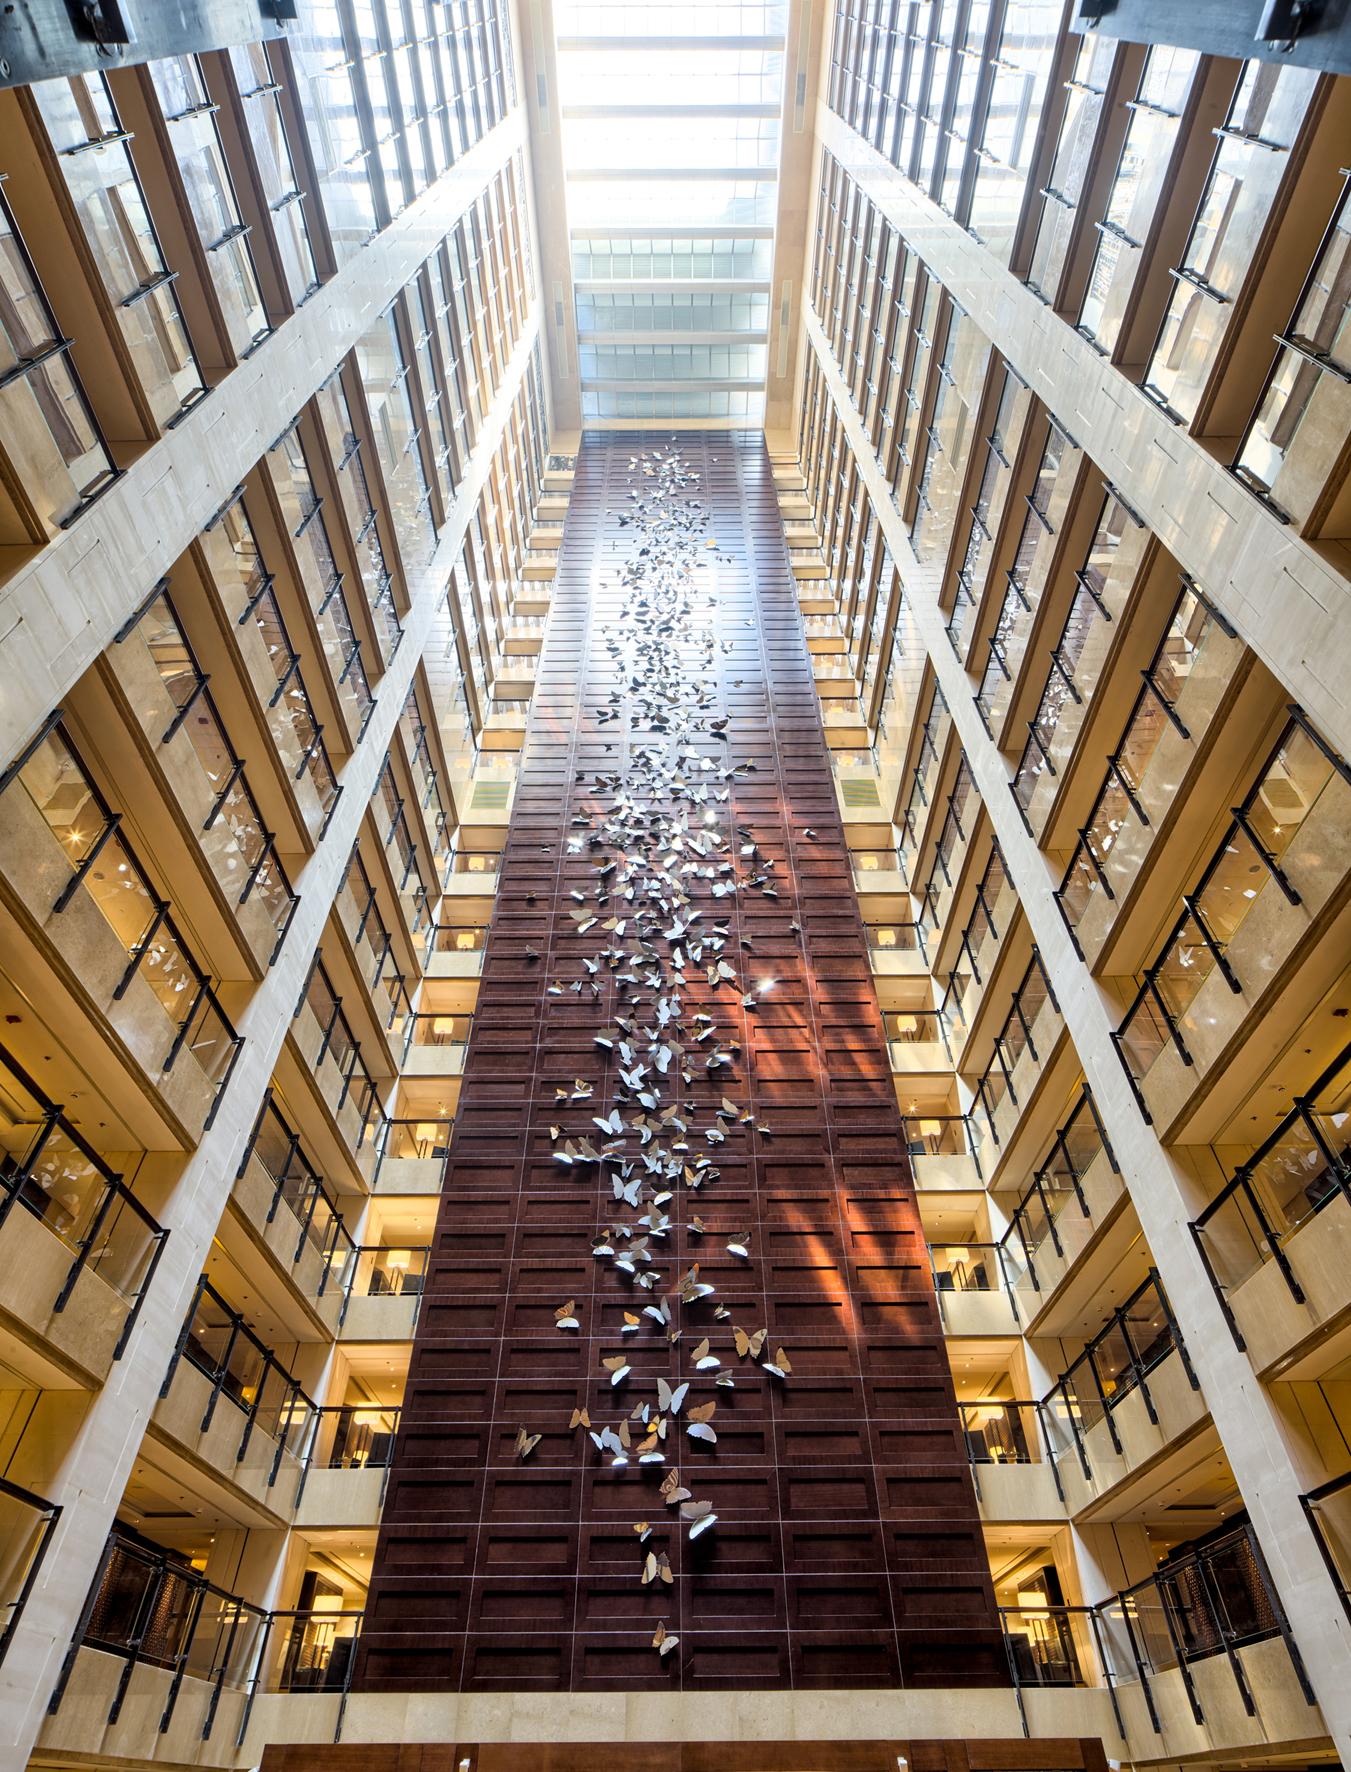 Jayne Dyer, The Butterfly Effect , 2012, Four Seasons Beijing, 66 x 11m